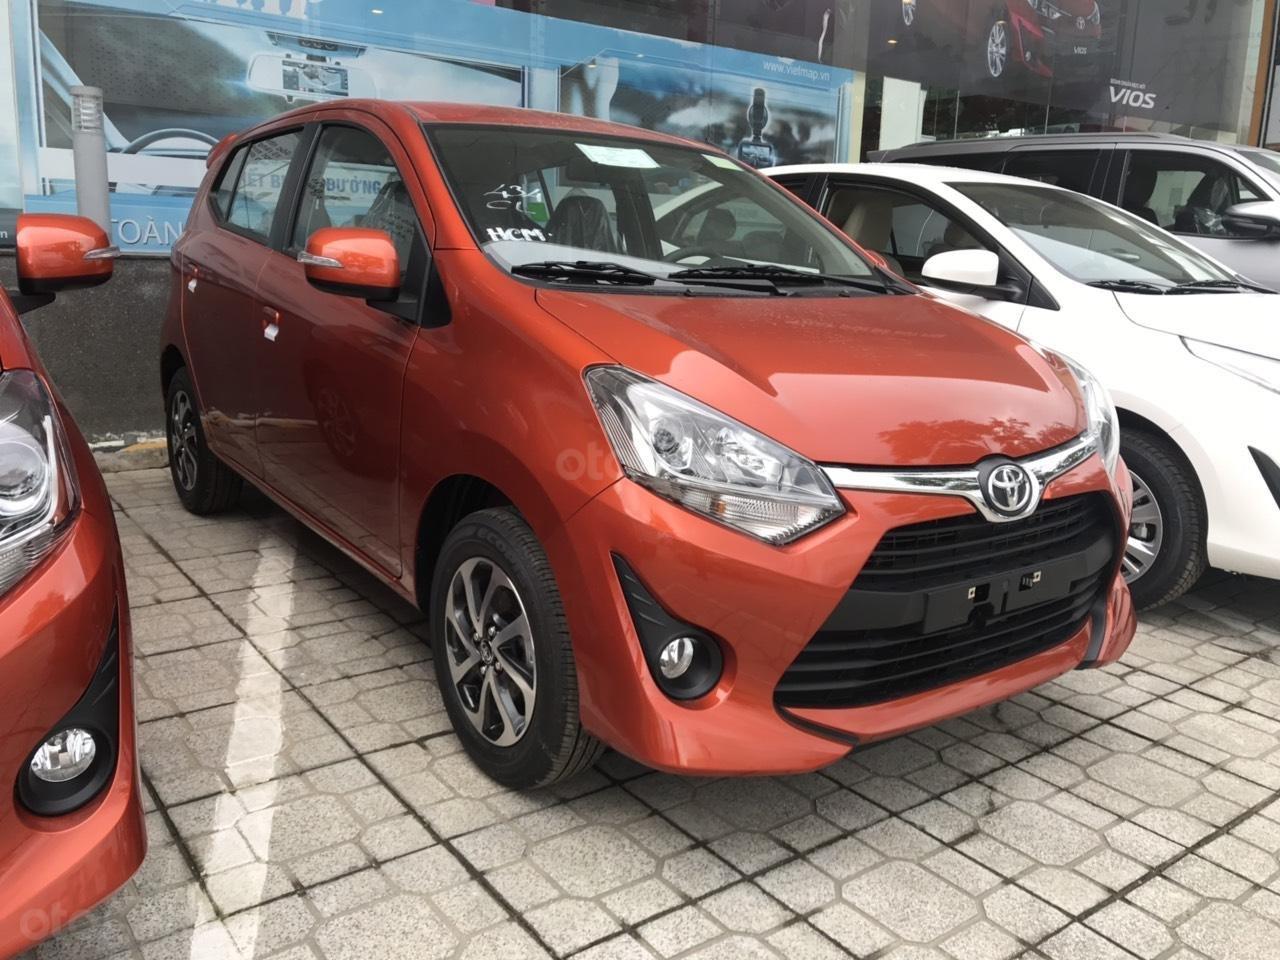 Bán xe Toyota Wigo 1.2MT năm 2019, xe nhập khẩu/ khuyến mãi lớn (2)